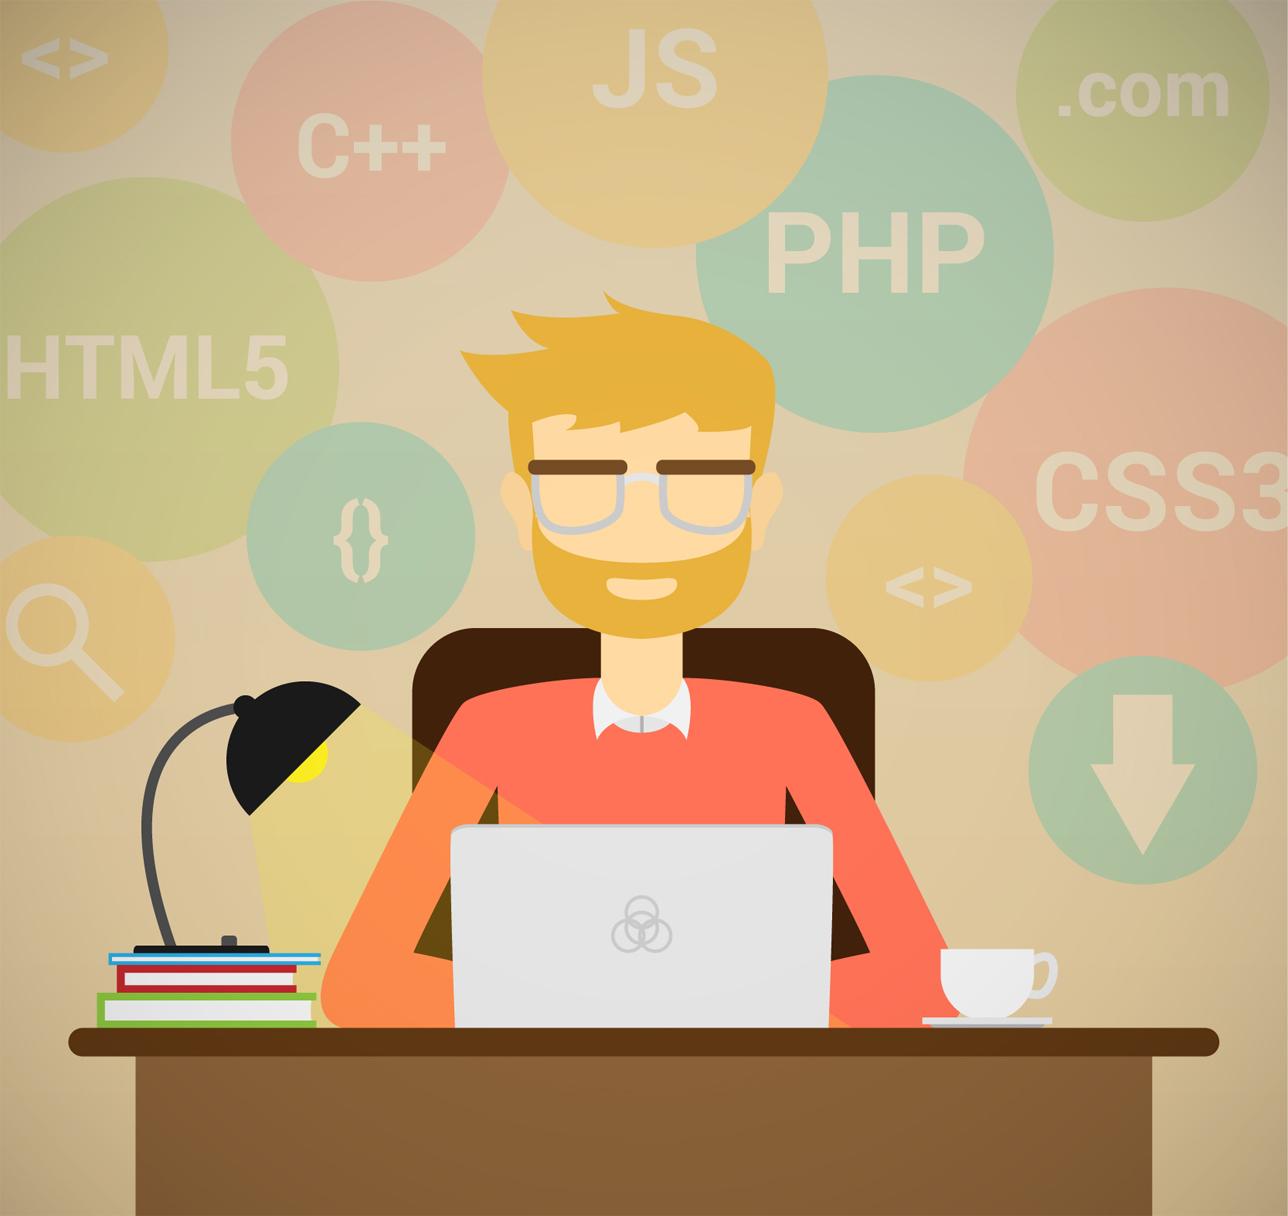 【フリーランス向け】HTML、CSSスキルを身につけてコーディング案件を受注する方法【月5万稼ぐ】